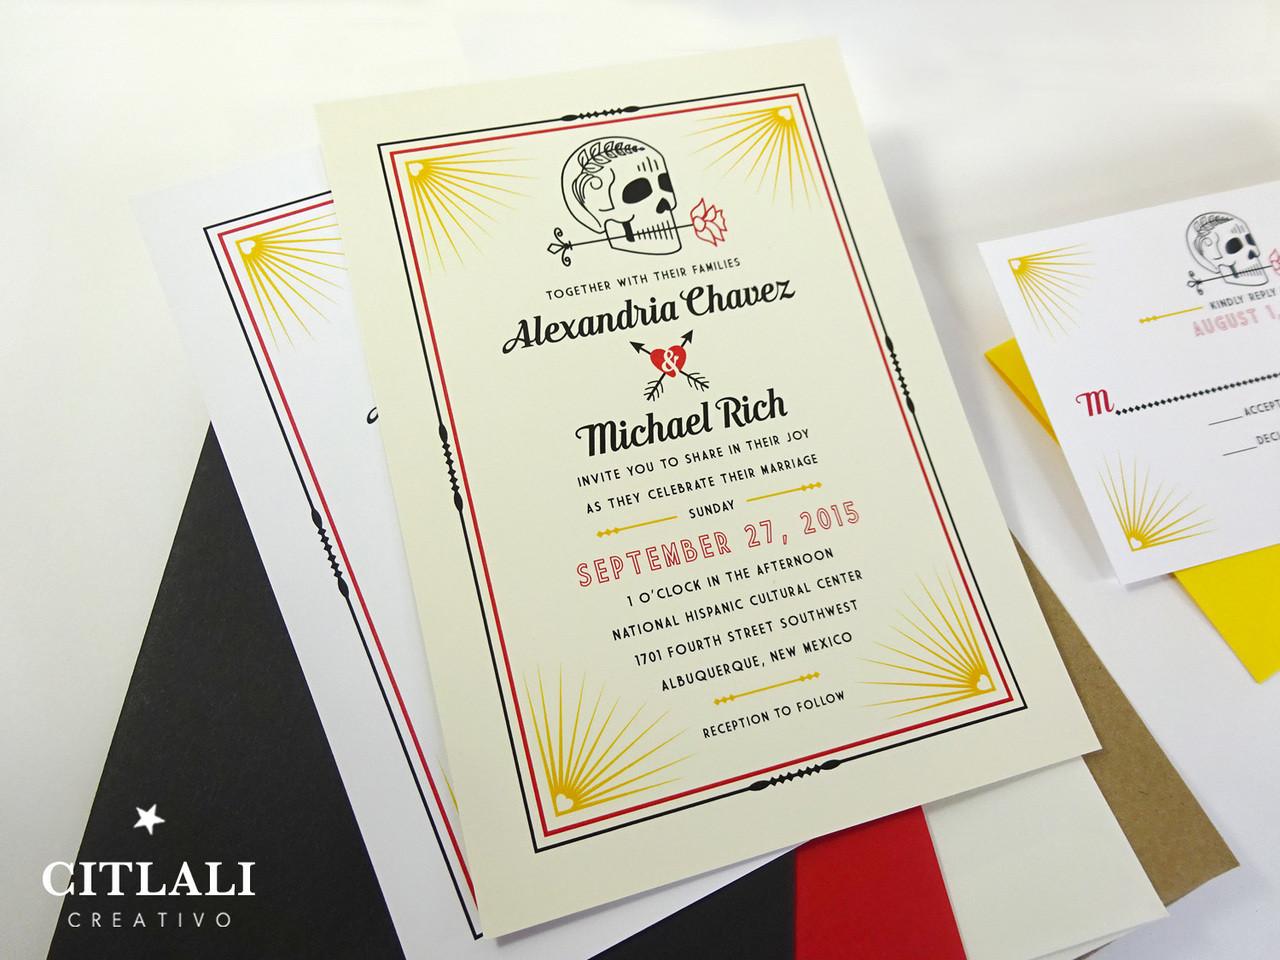 cool skull rose wedding invitations skull wedding invitations Modern Skull with Rose Heart Arrows Wedding Invitations